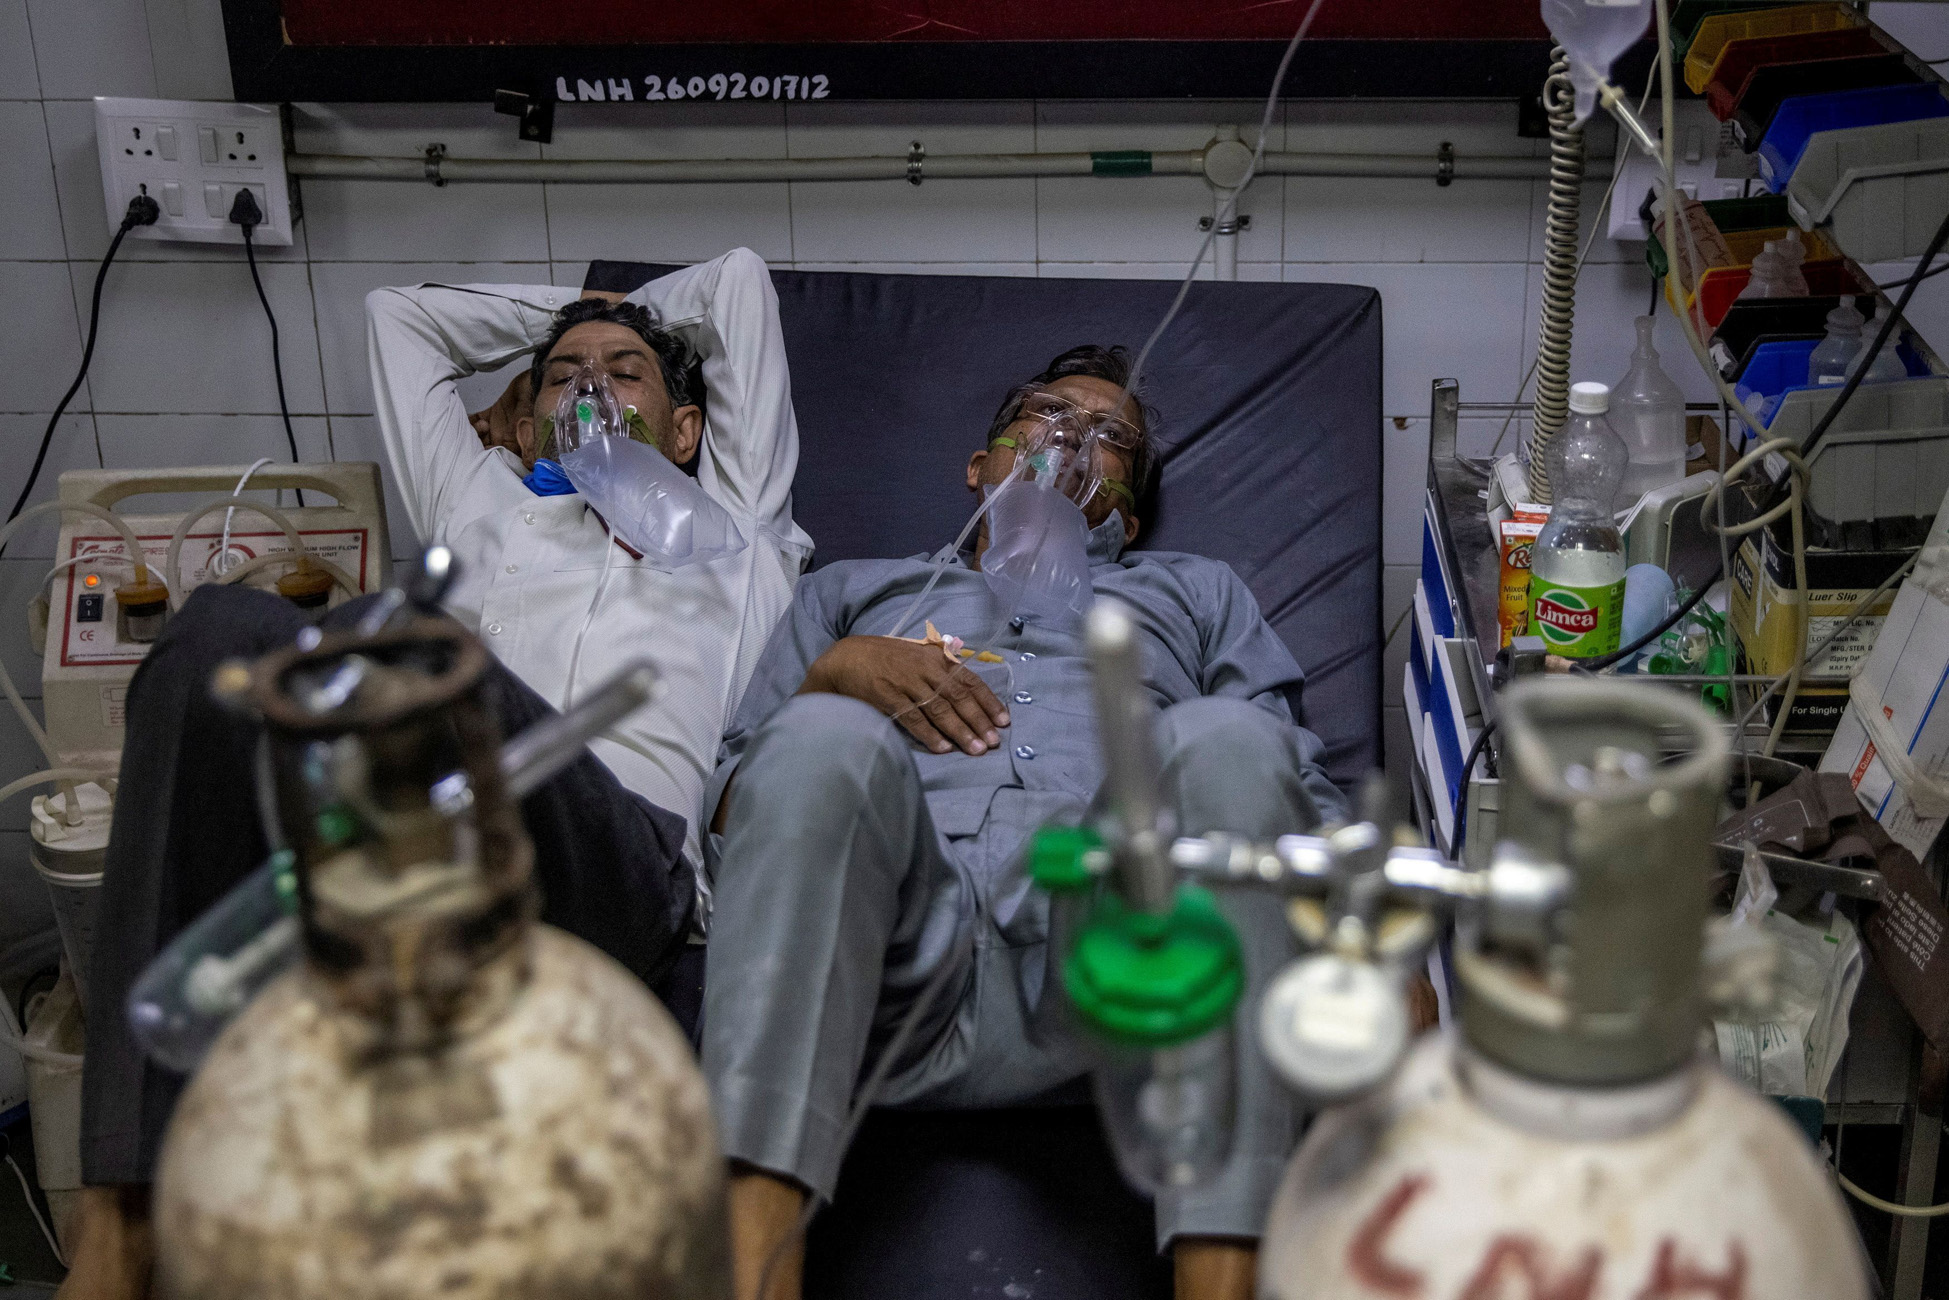 Ινδία – κορονοϊός: Νέο παγκόσμιο ρεκόρ με 349.691 κρούσματα